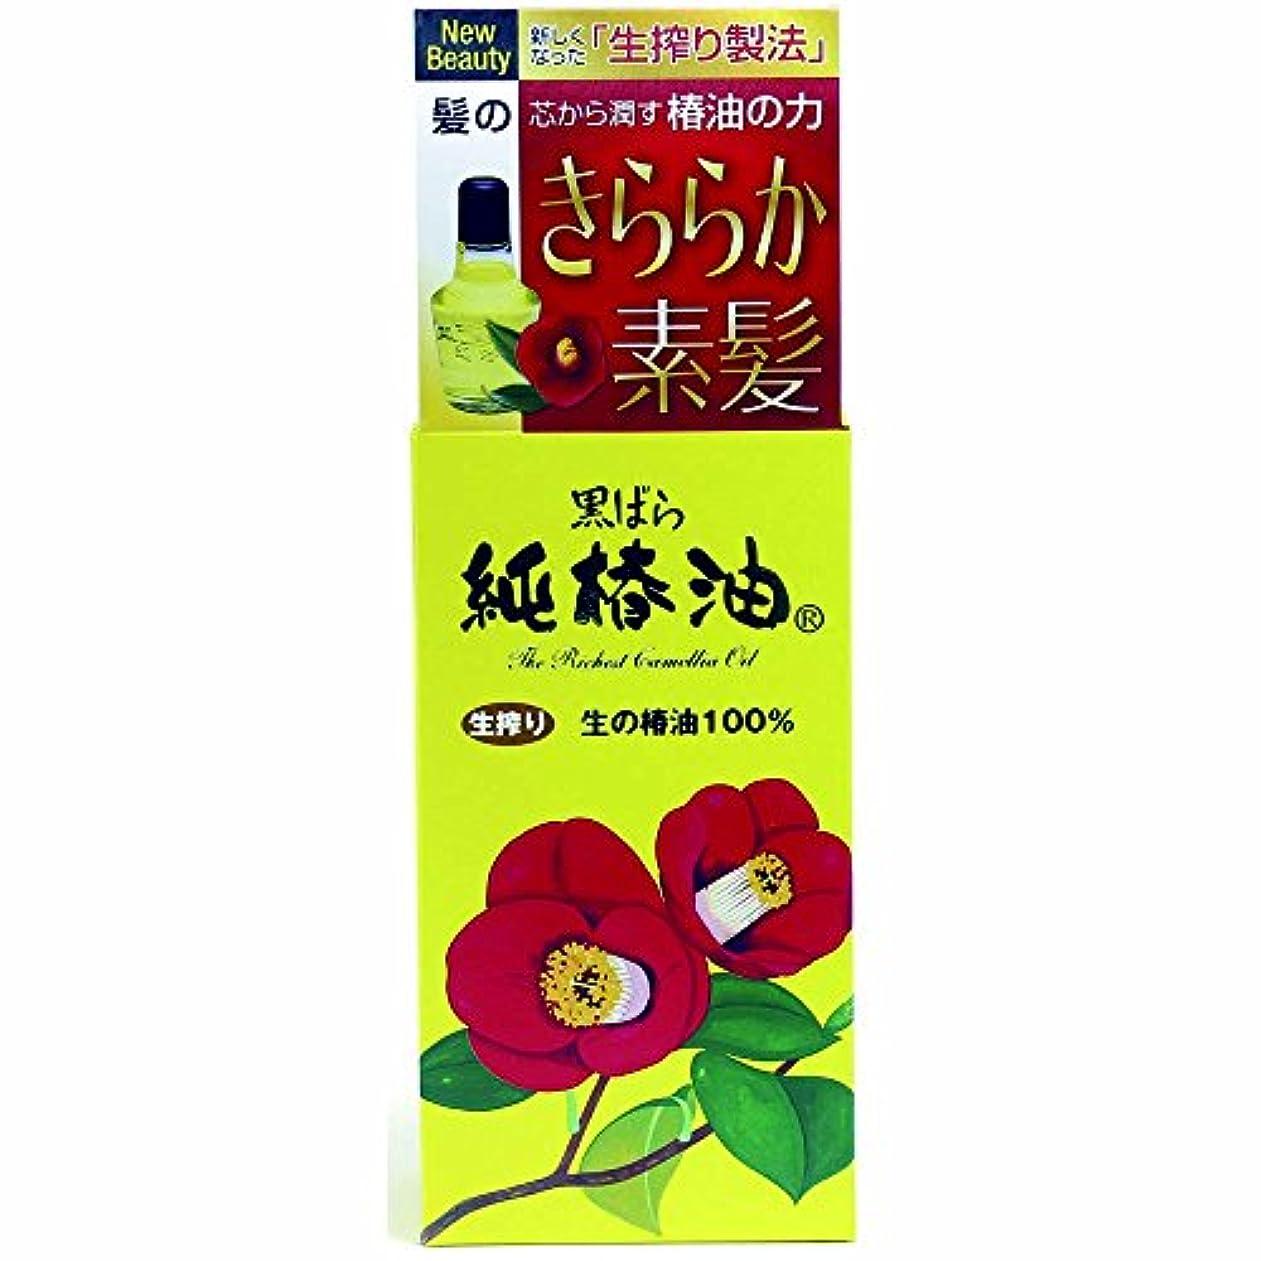 同様に家庭教師パフ黒ばら 純椿油 (72mL)